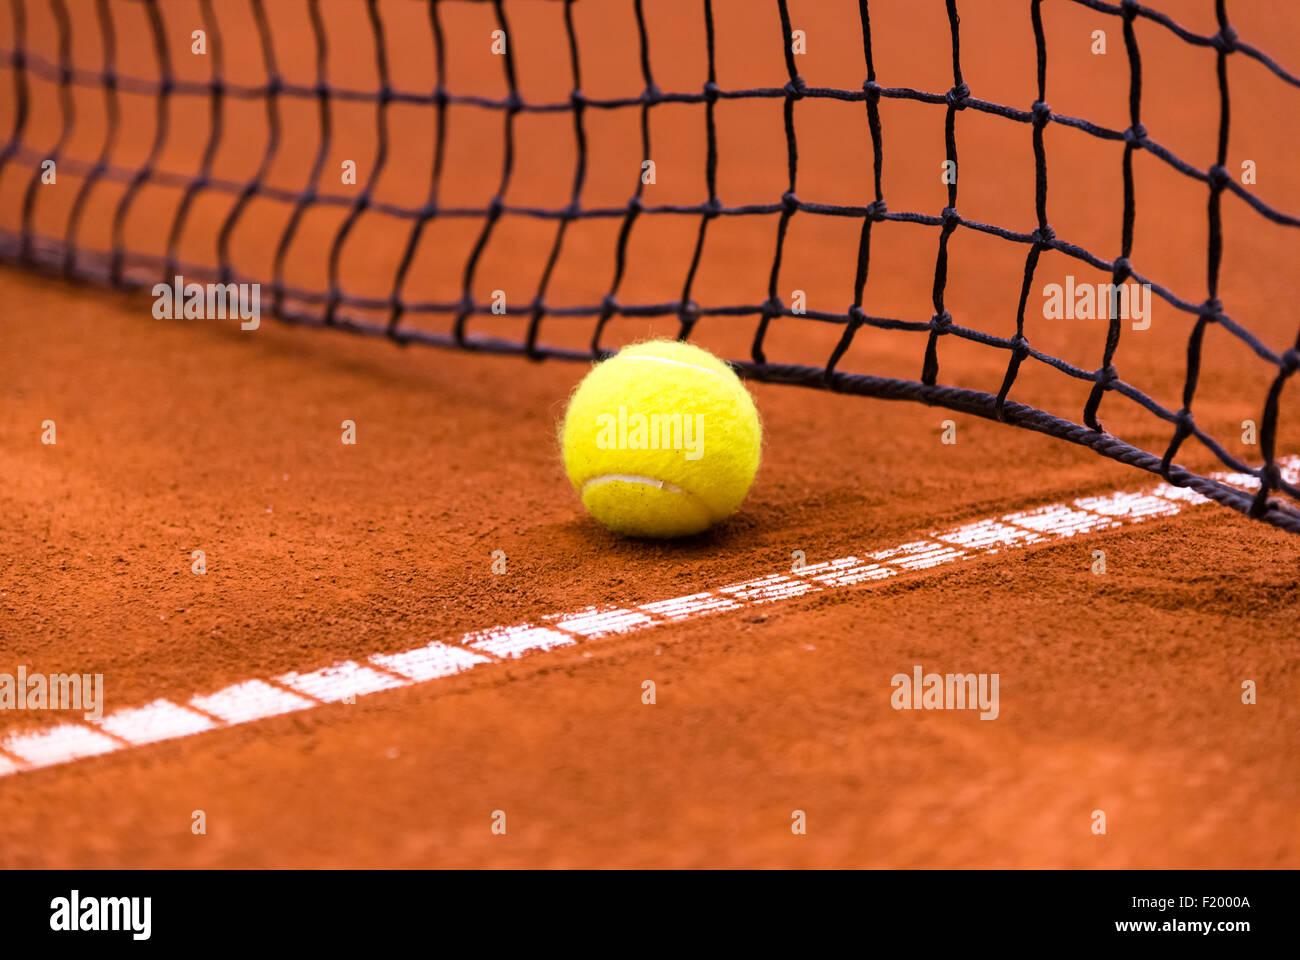 Balle de tennis jaune sur une cour d'argile rouge Photo Stock